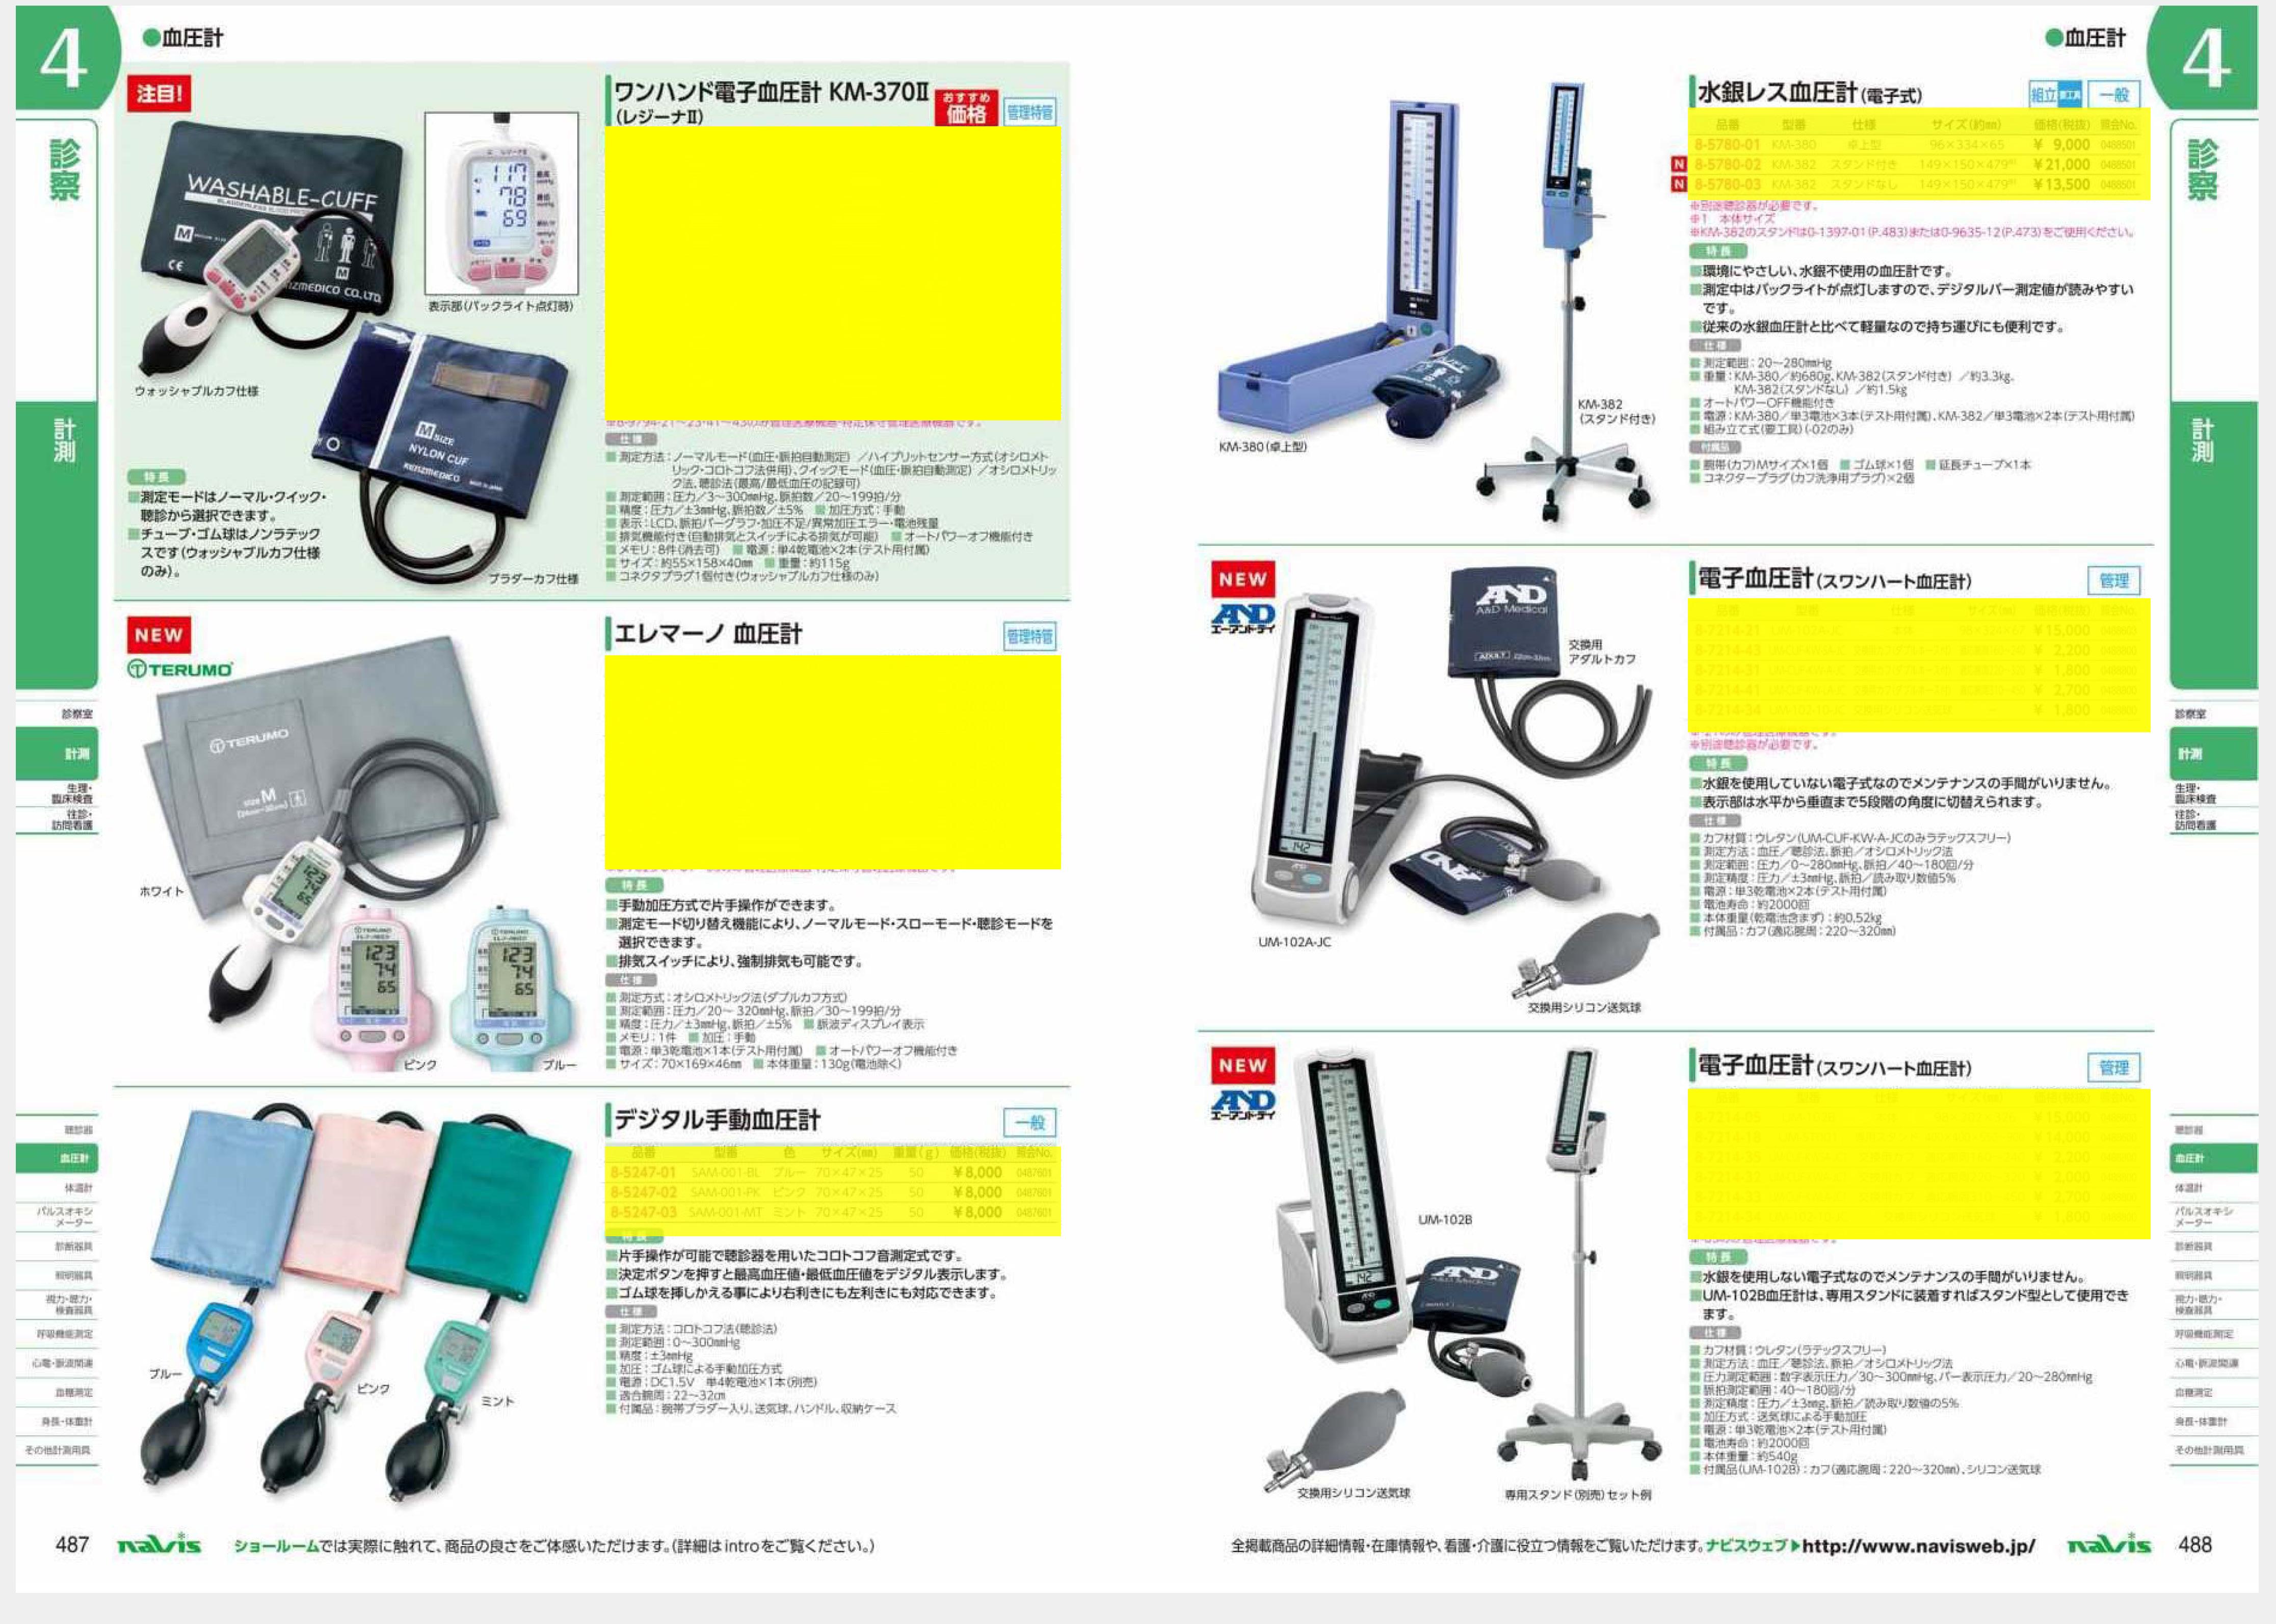 ナビス50000 8-5247-01 デジタル手動血圧計 SAM−001−BL ブルー[個](as1-8-5247-01)